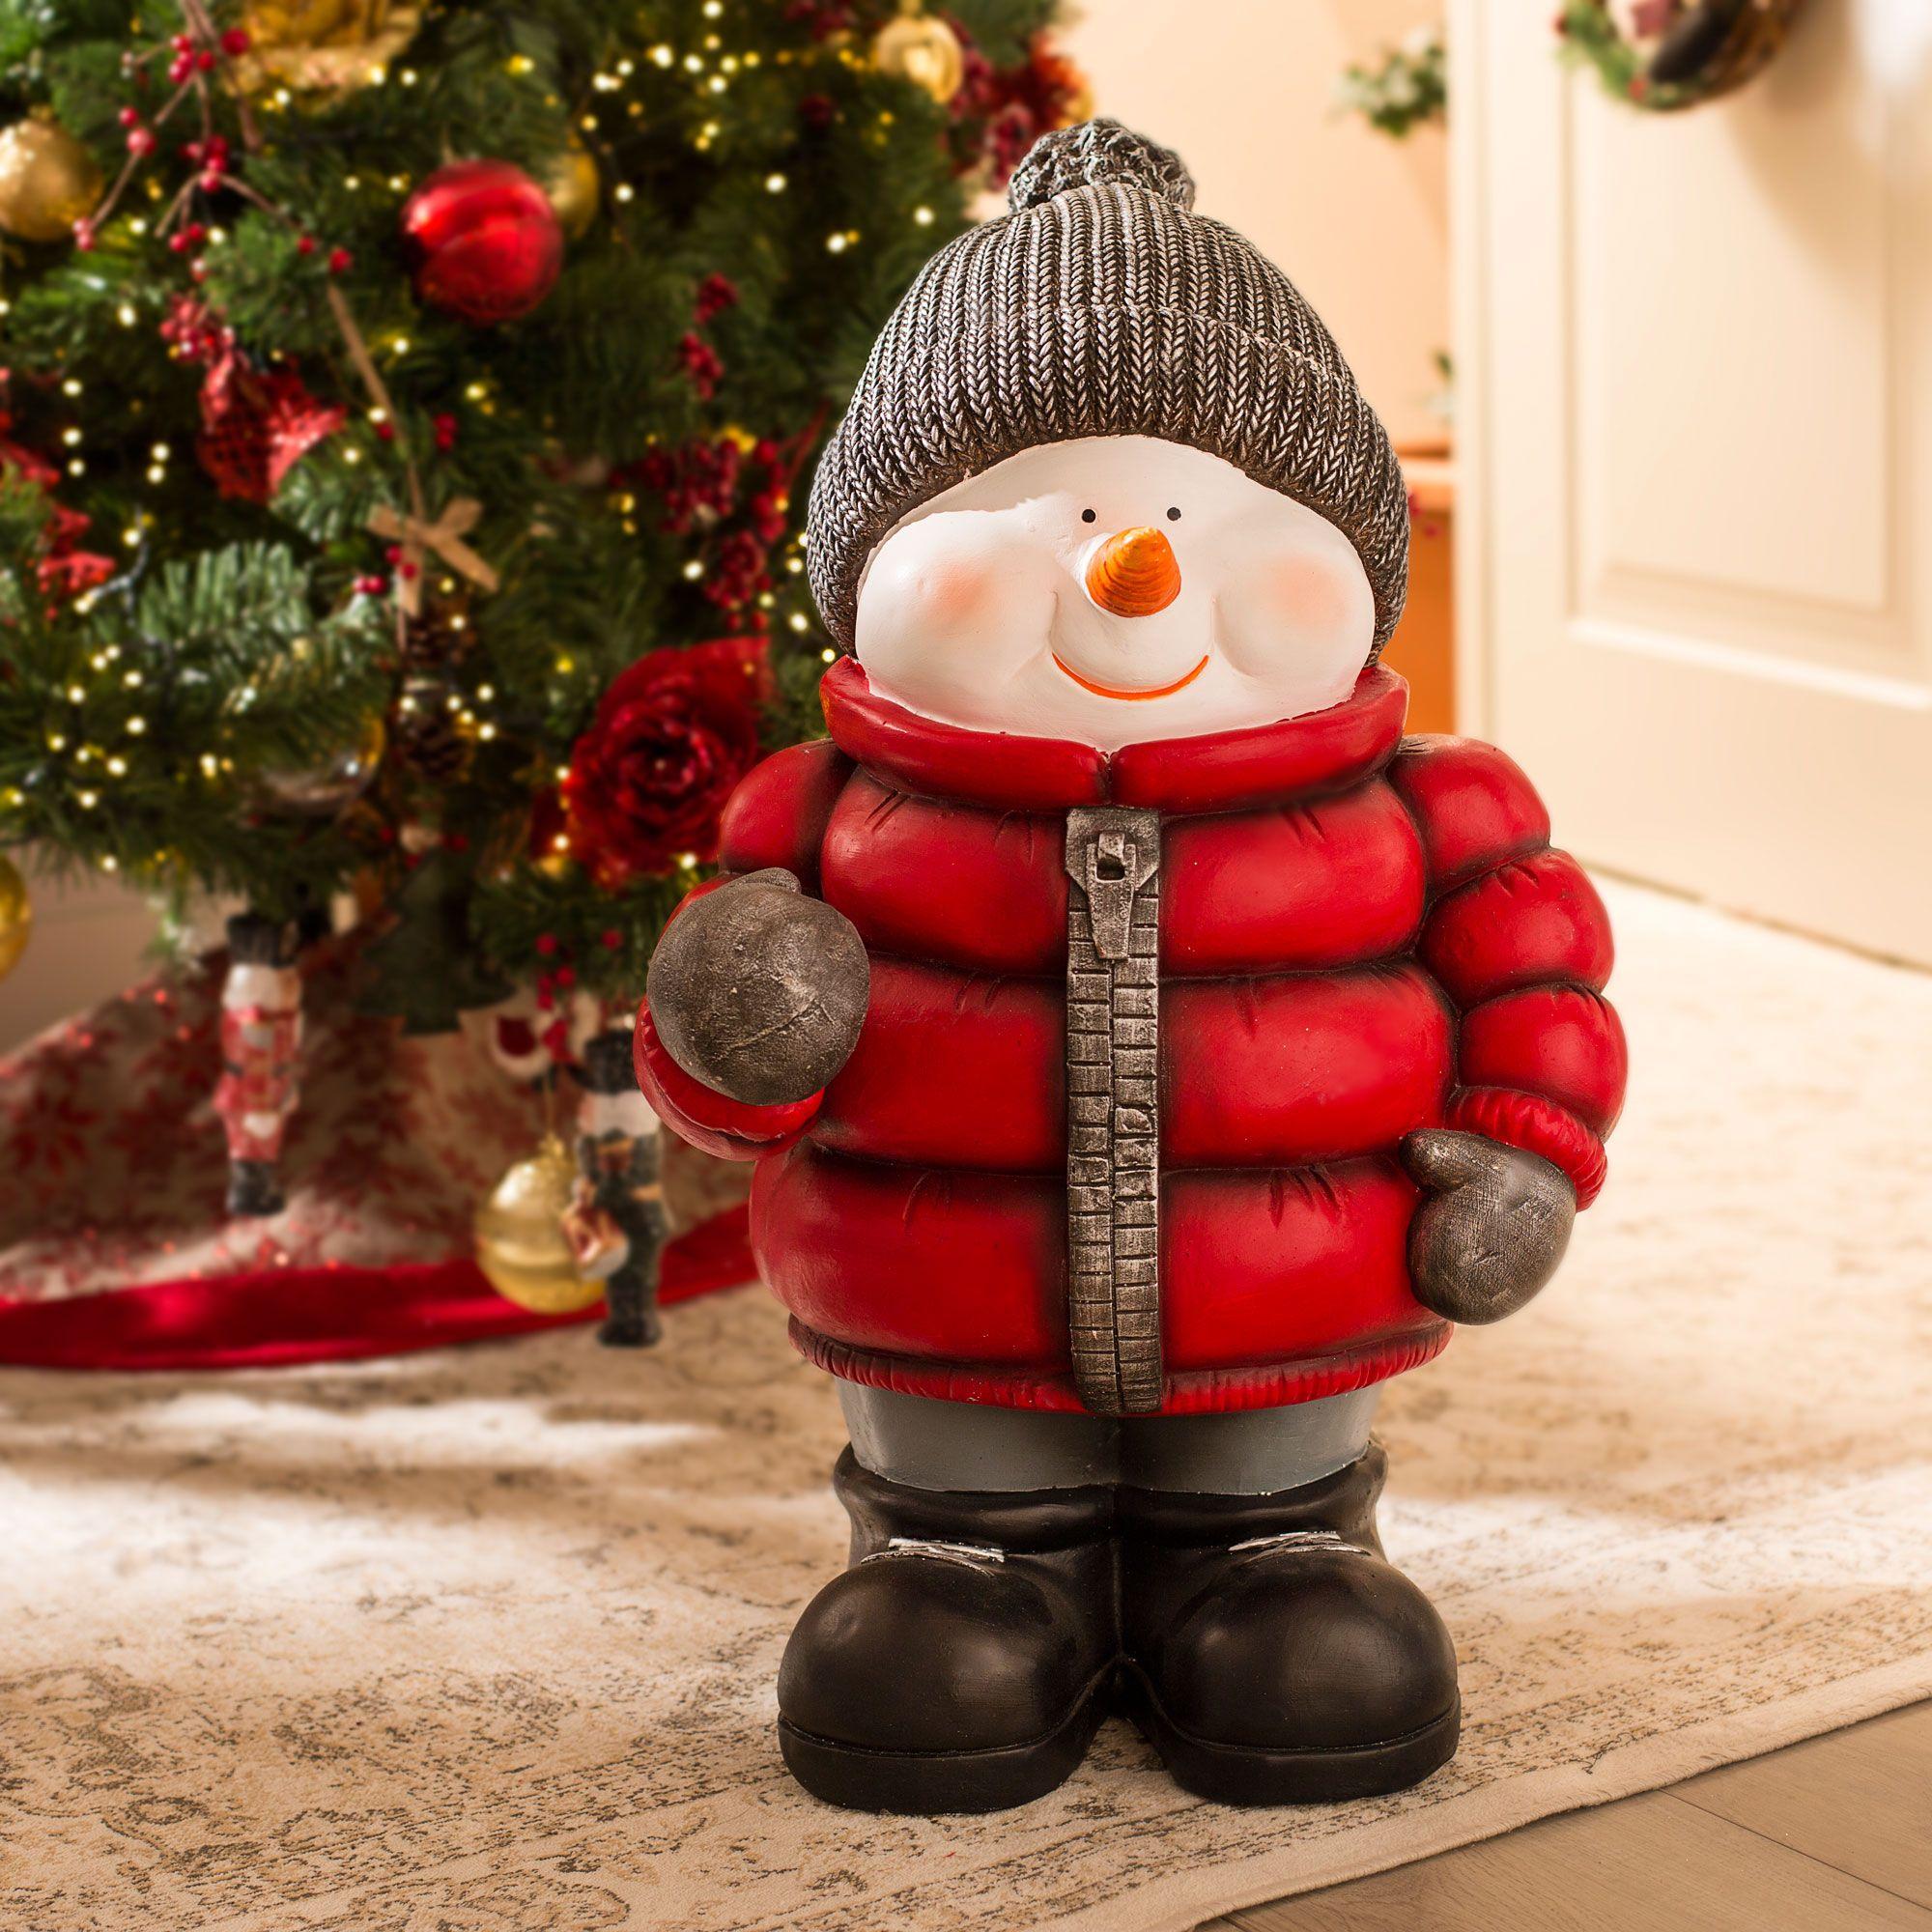 Décoration de Noël traditionnelle en rouge, blanc et vert